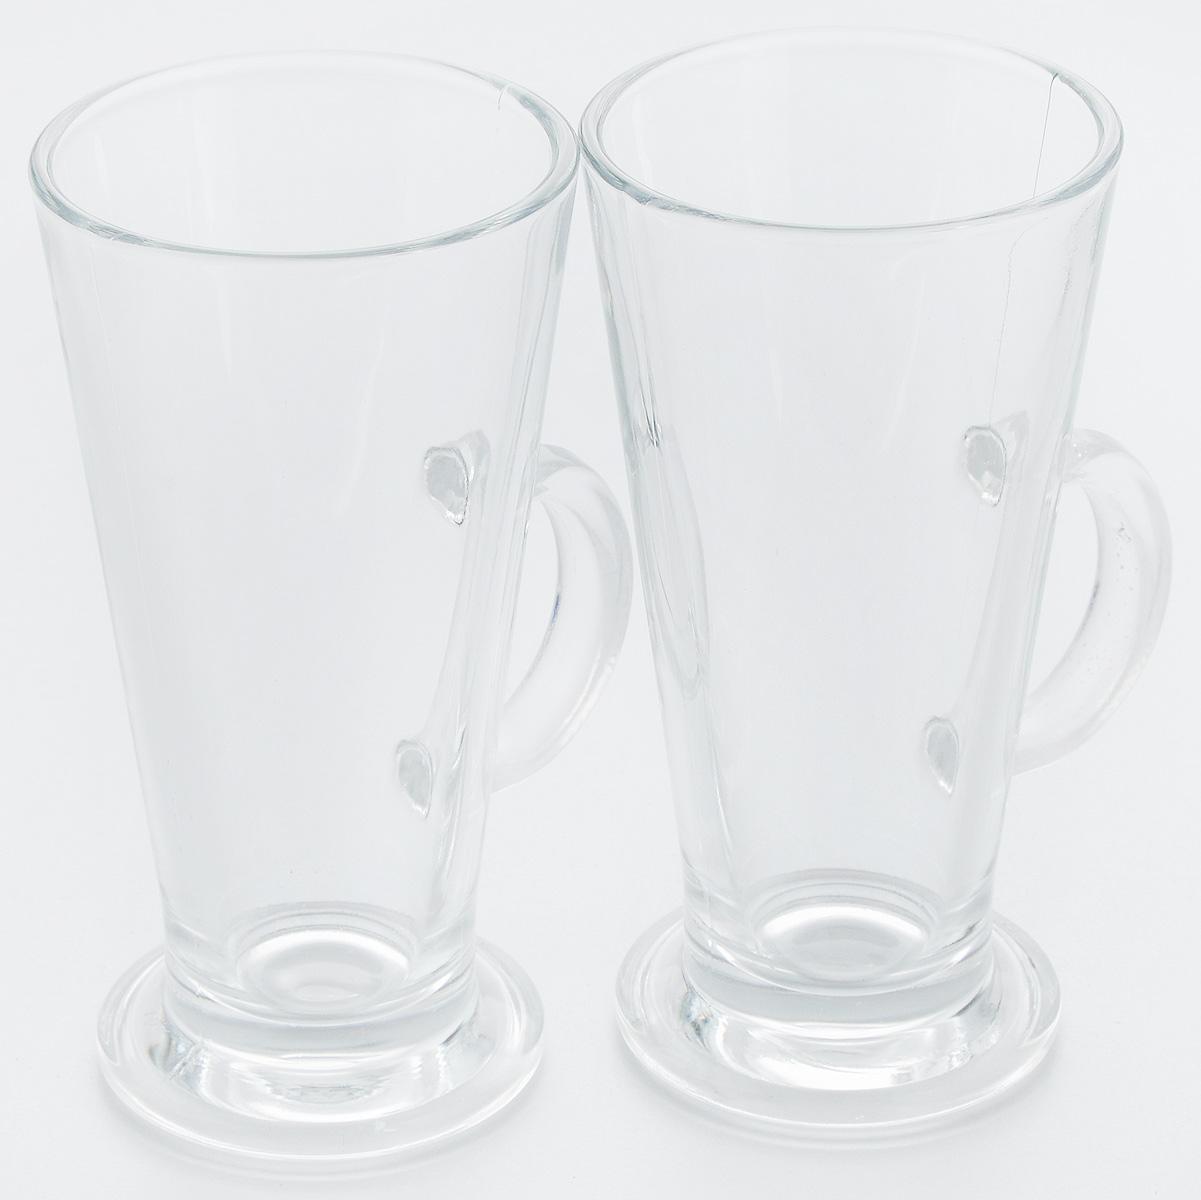 Набор кружек для пива Pasabahce Pub, 260 мл, 2 шт